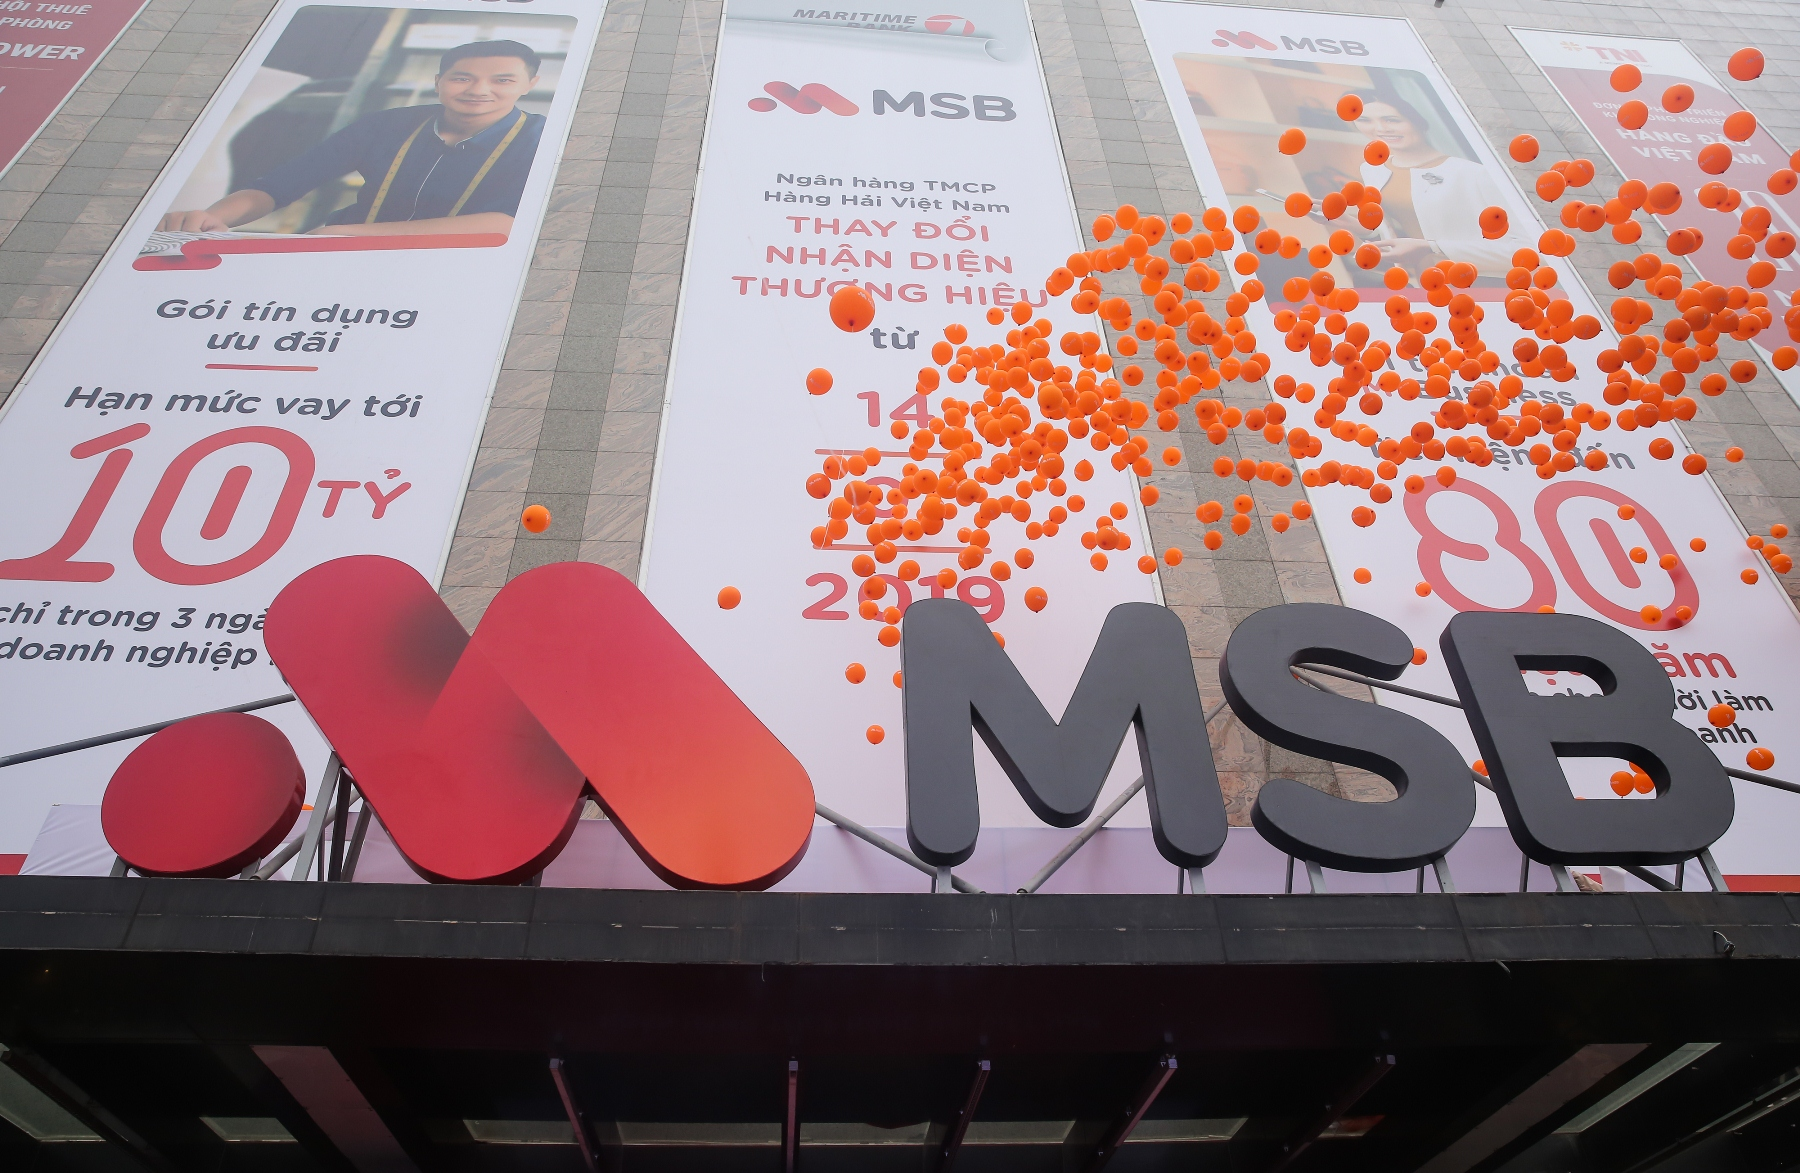 Ngân hàng Hàng Hải chính thức ra mắt thương hiệu mới MSB 1